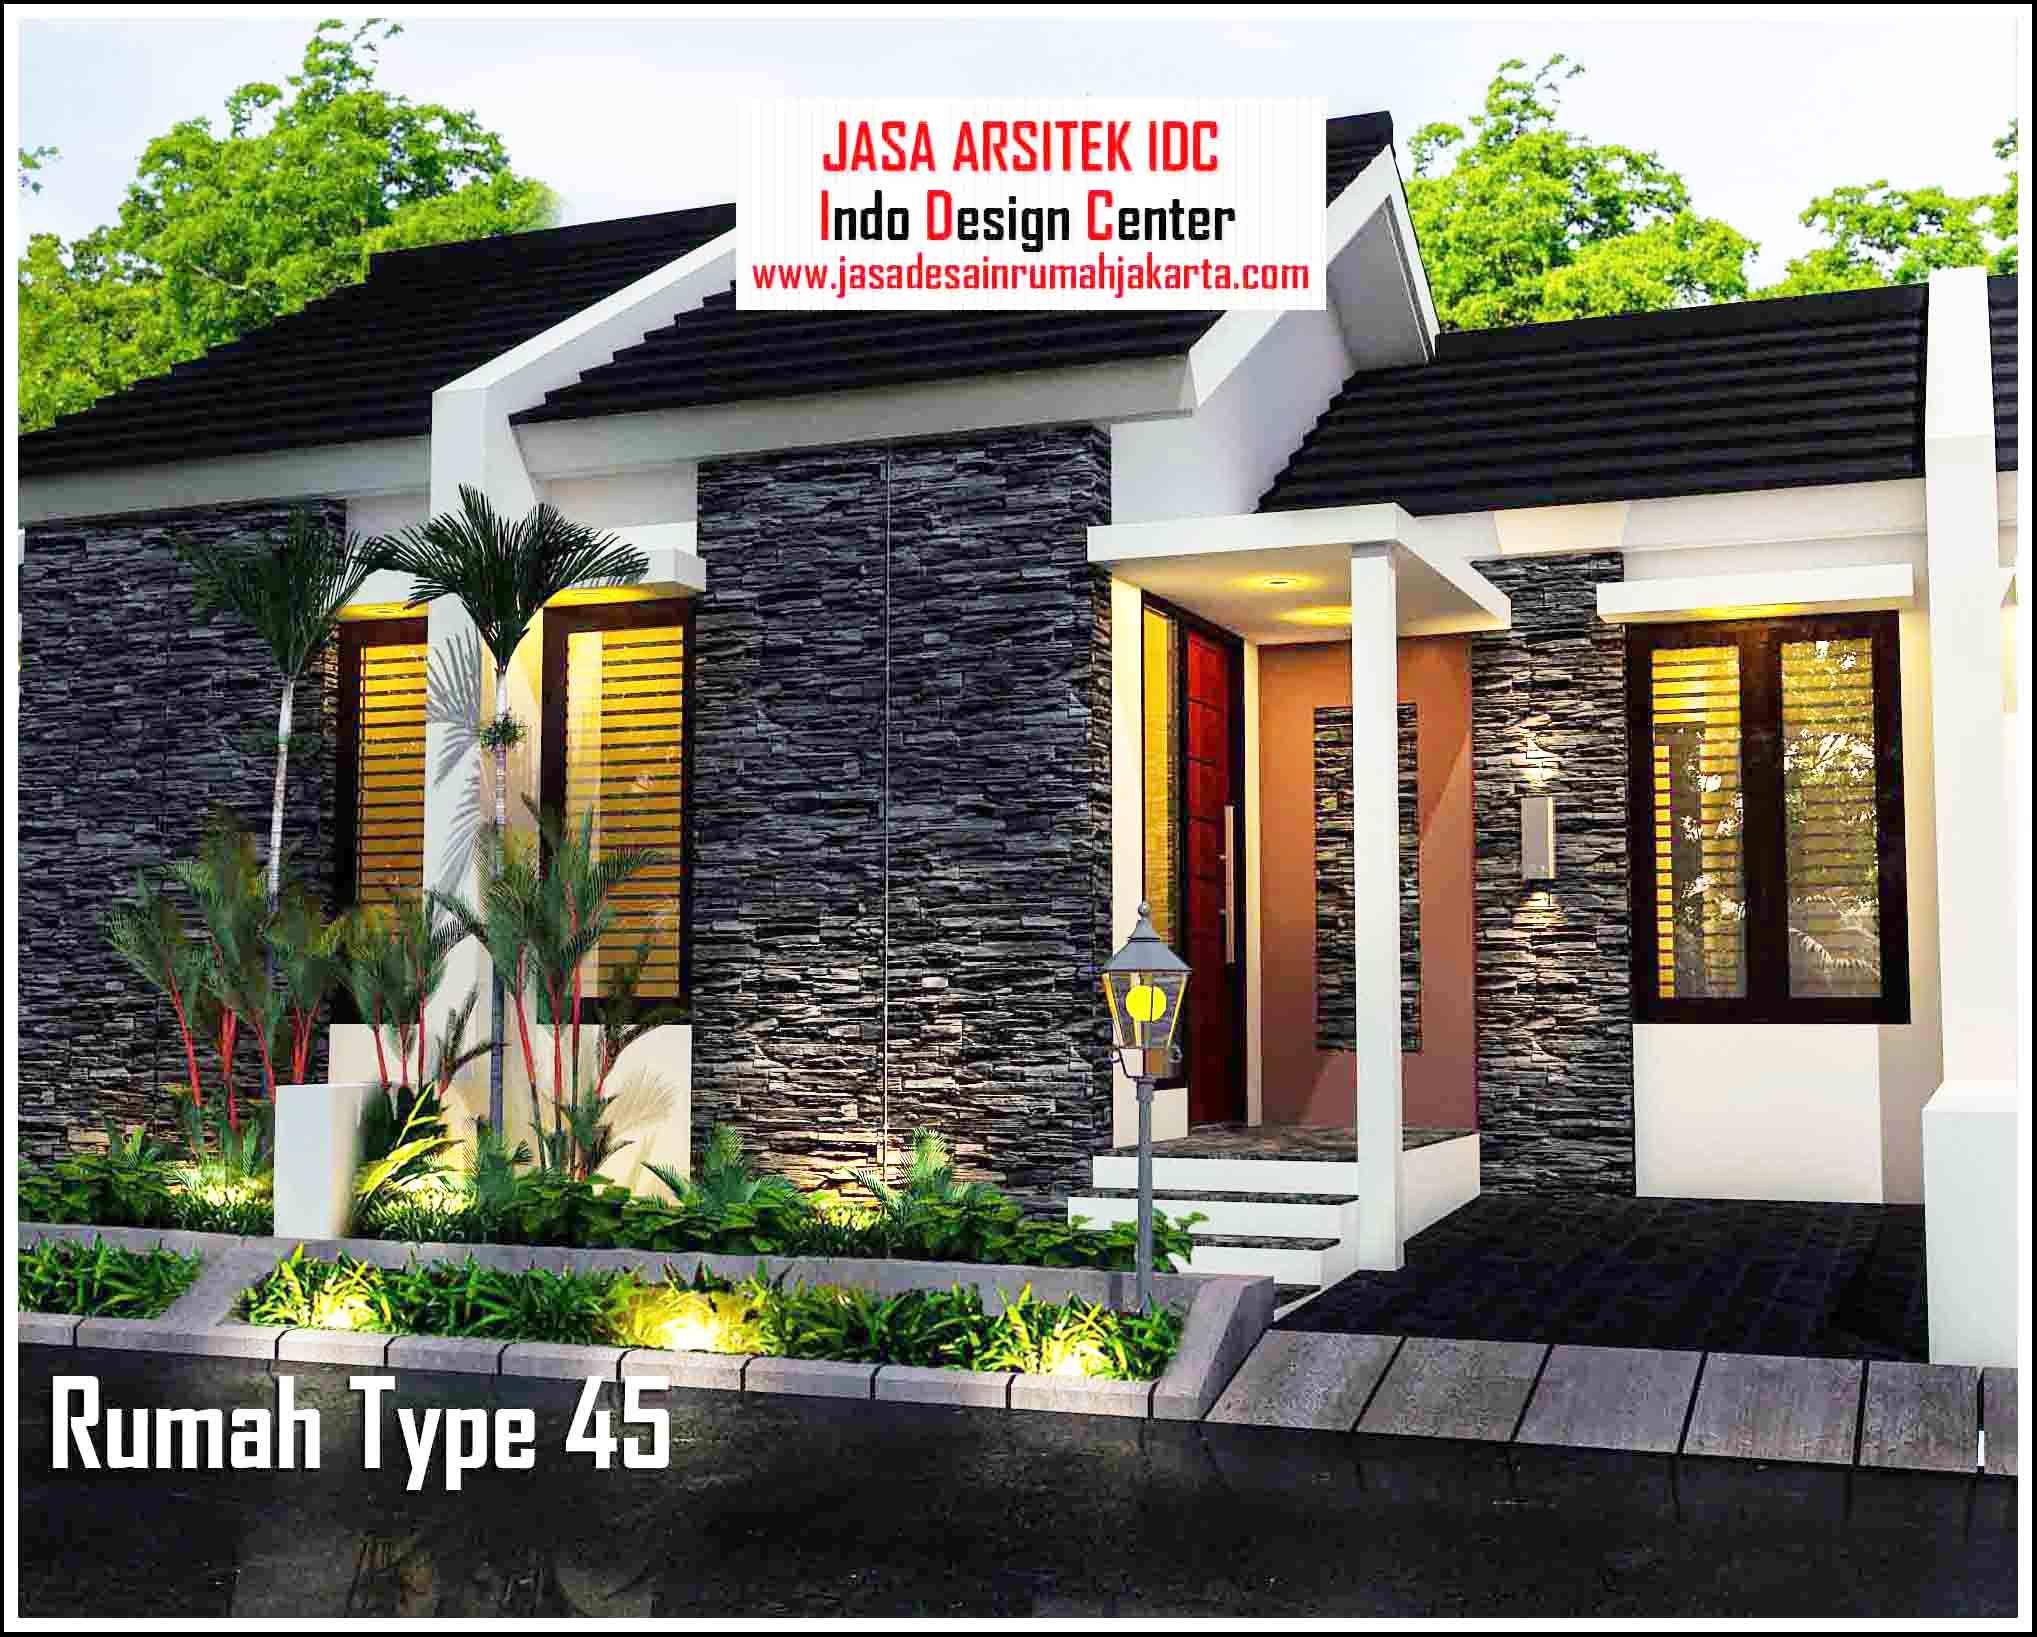 {title} (Dengan gambar) Desain rumah, Desain, Arsitek